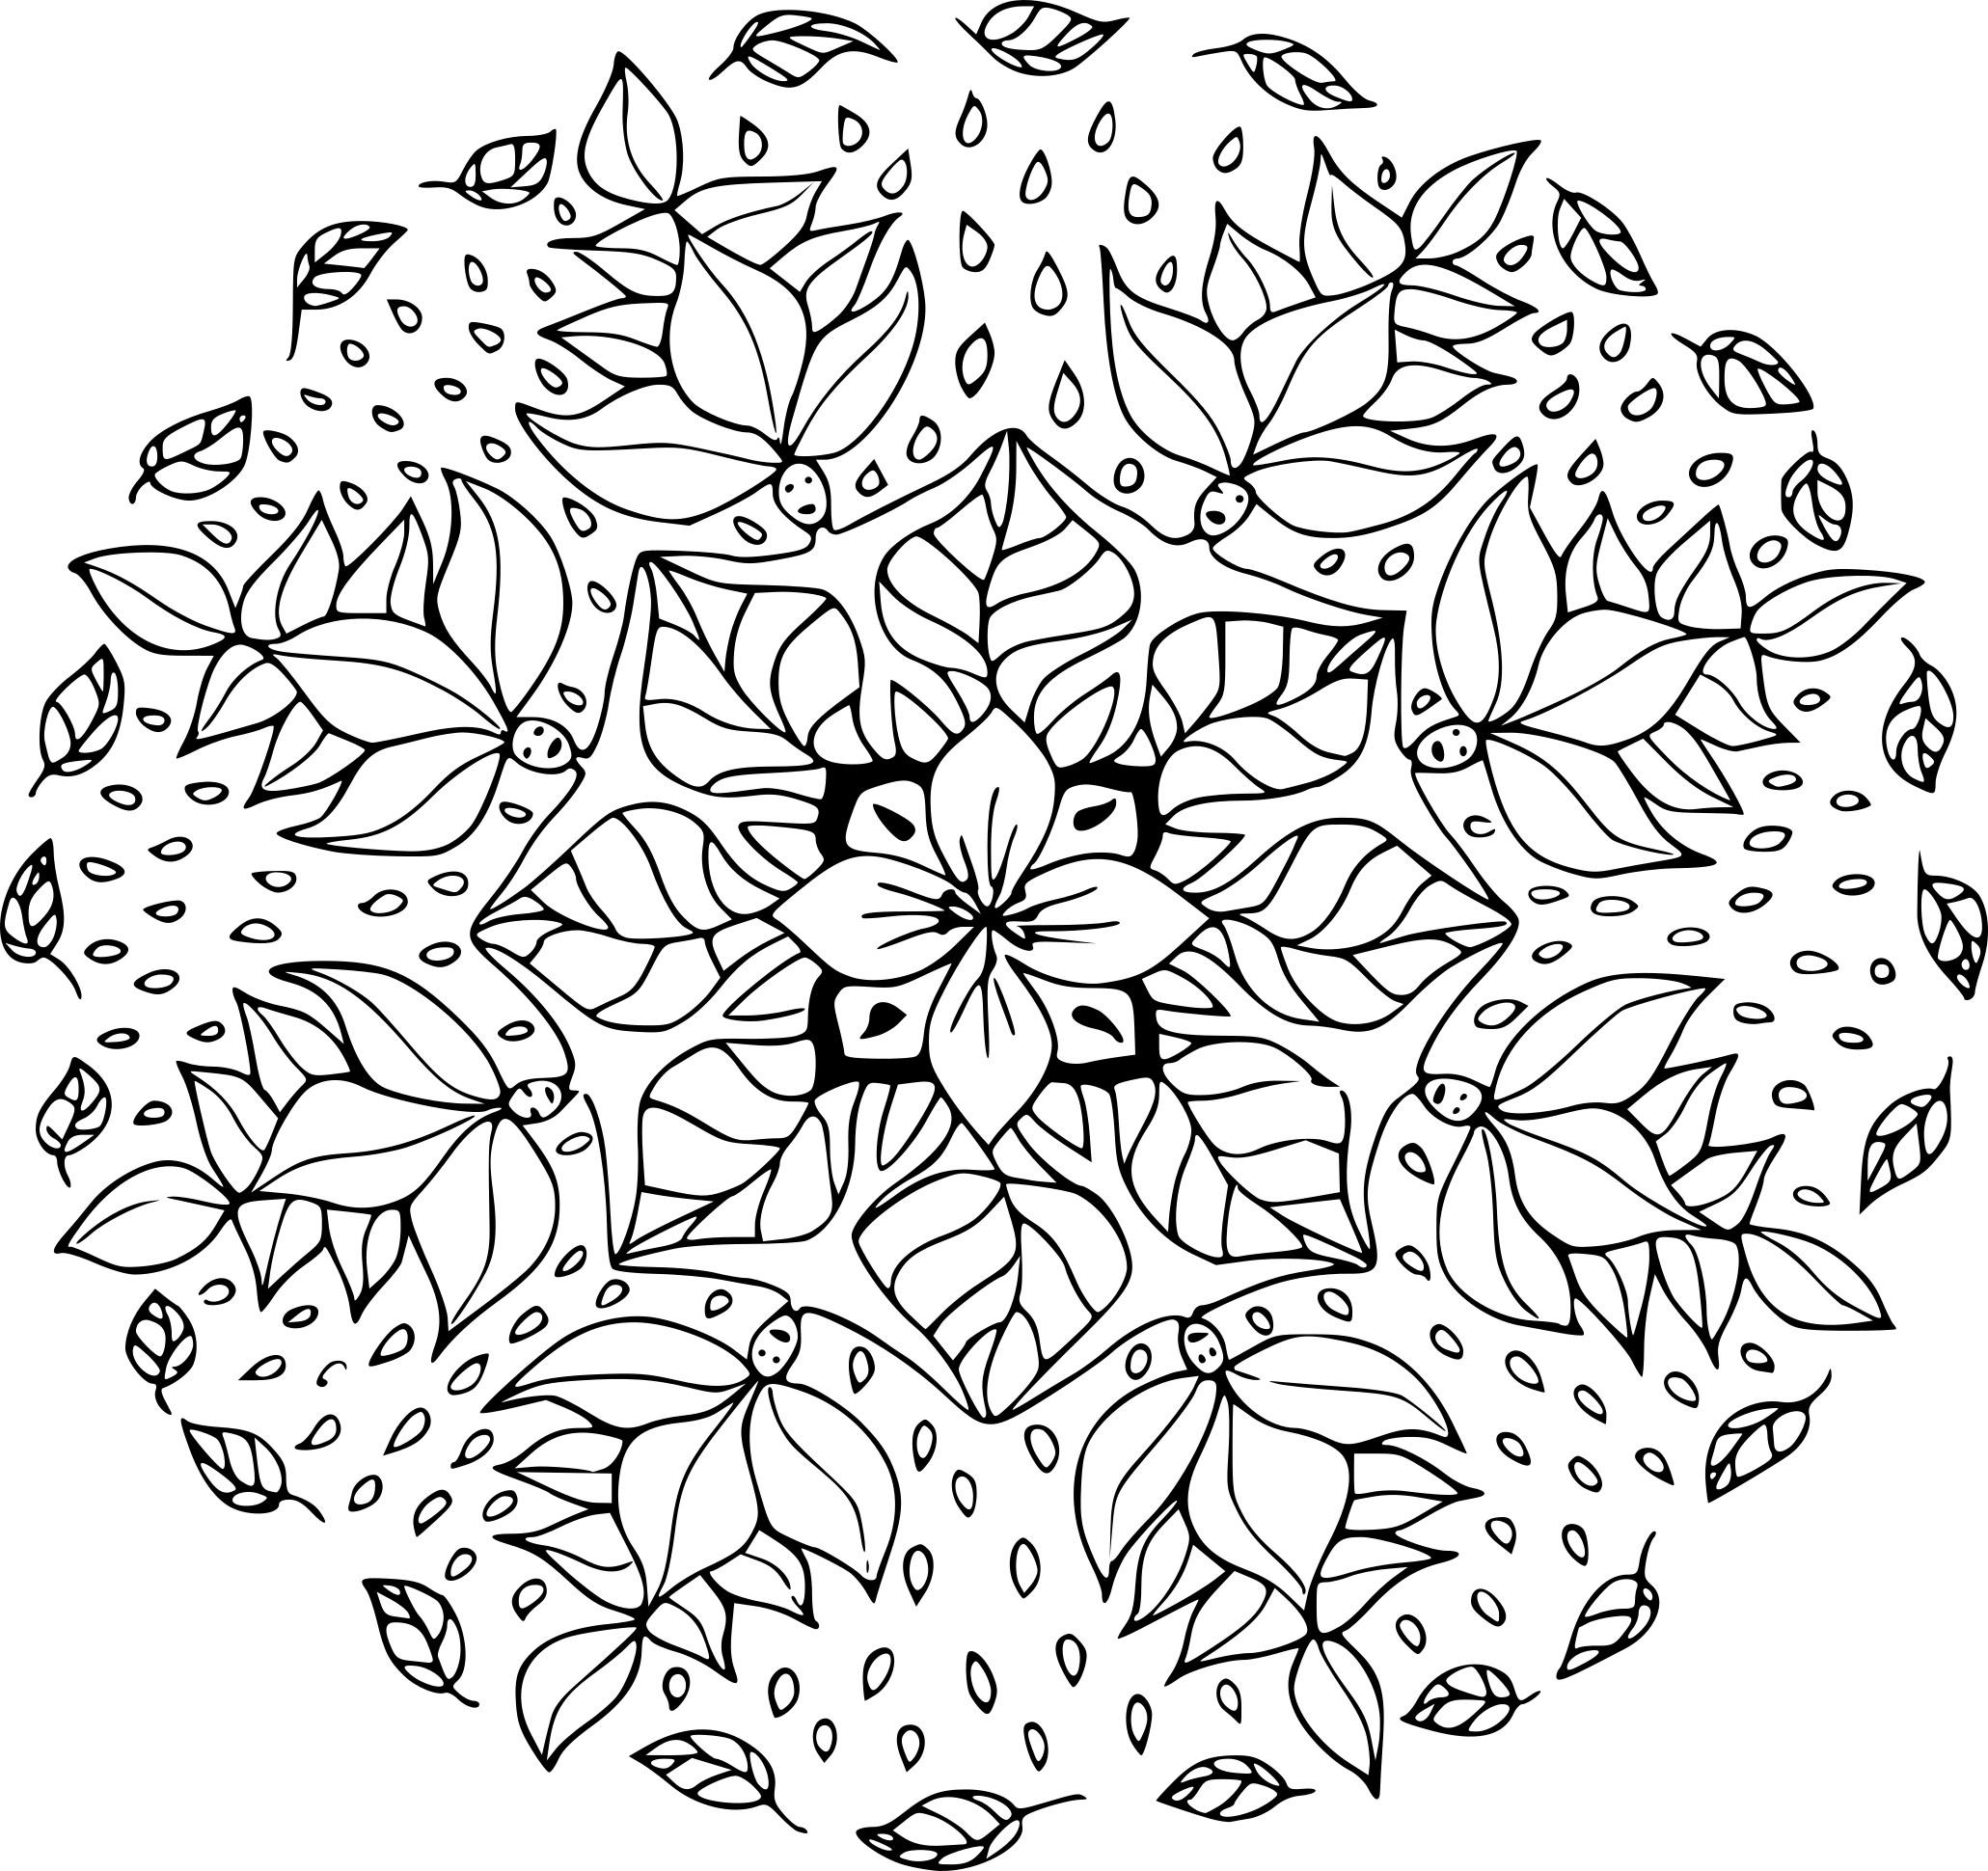 Coloriage Mandala Feuille D'automne À Imprimer Sur à Dessin De Feuille D Automne